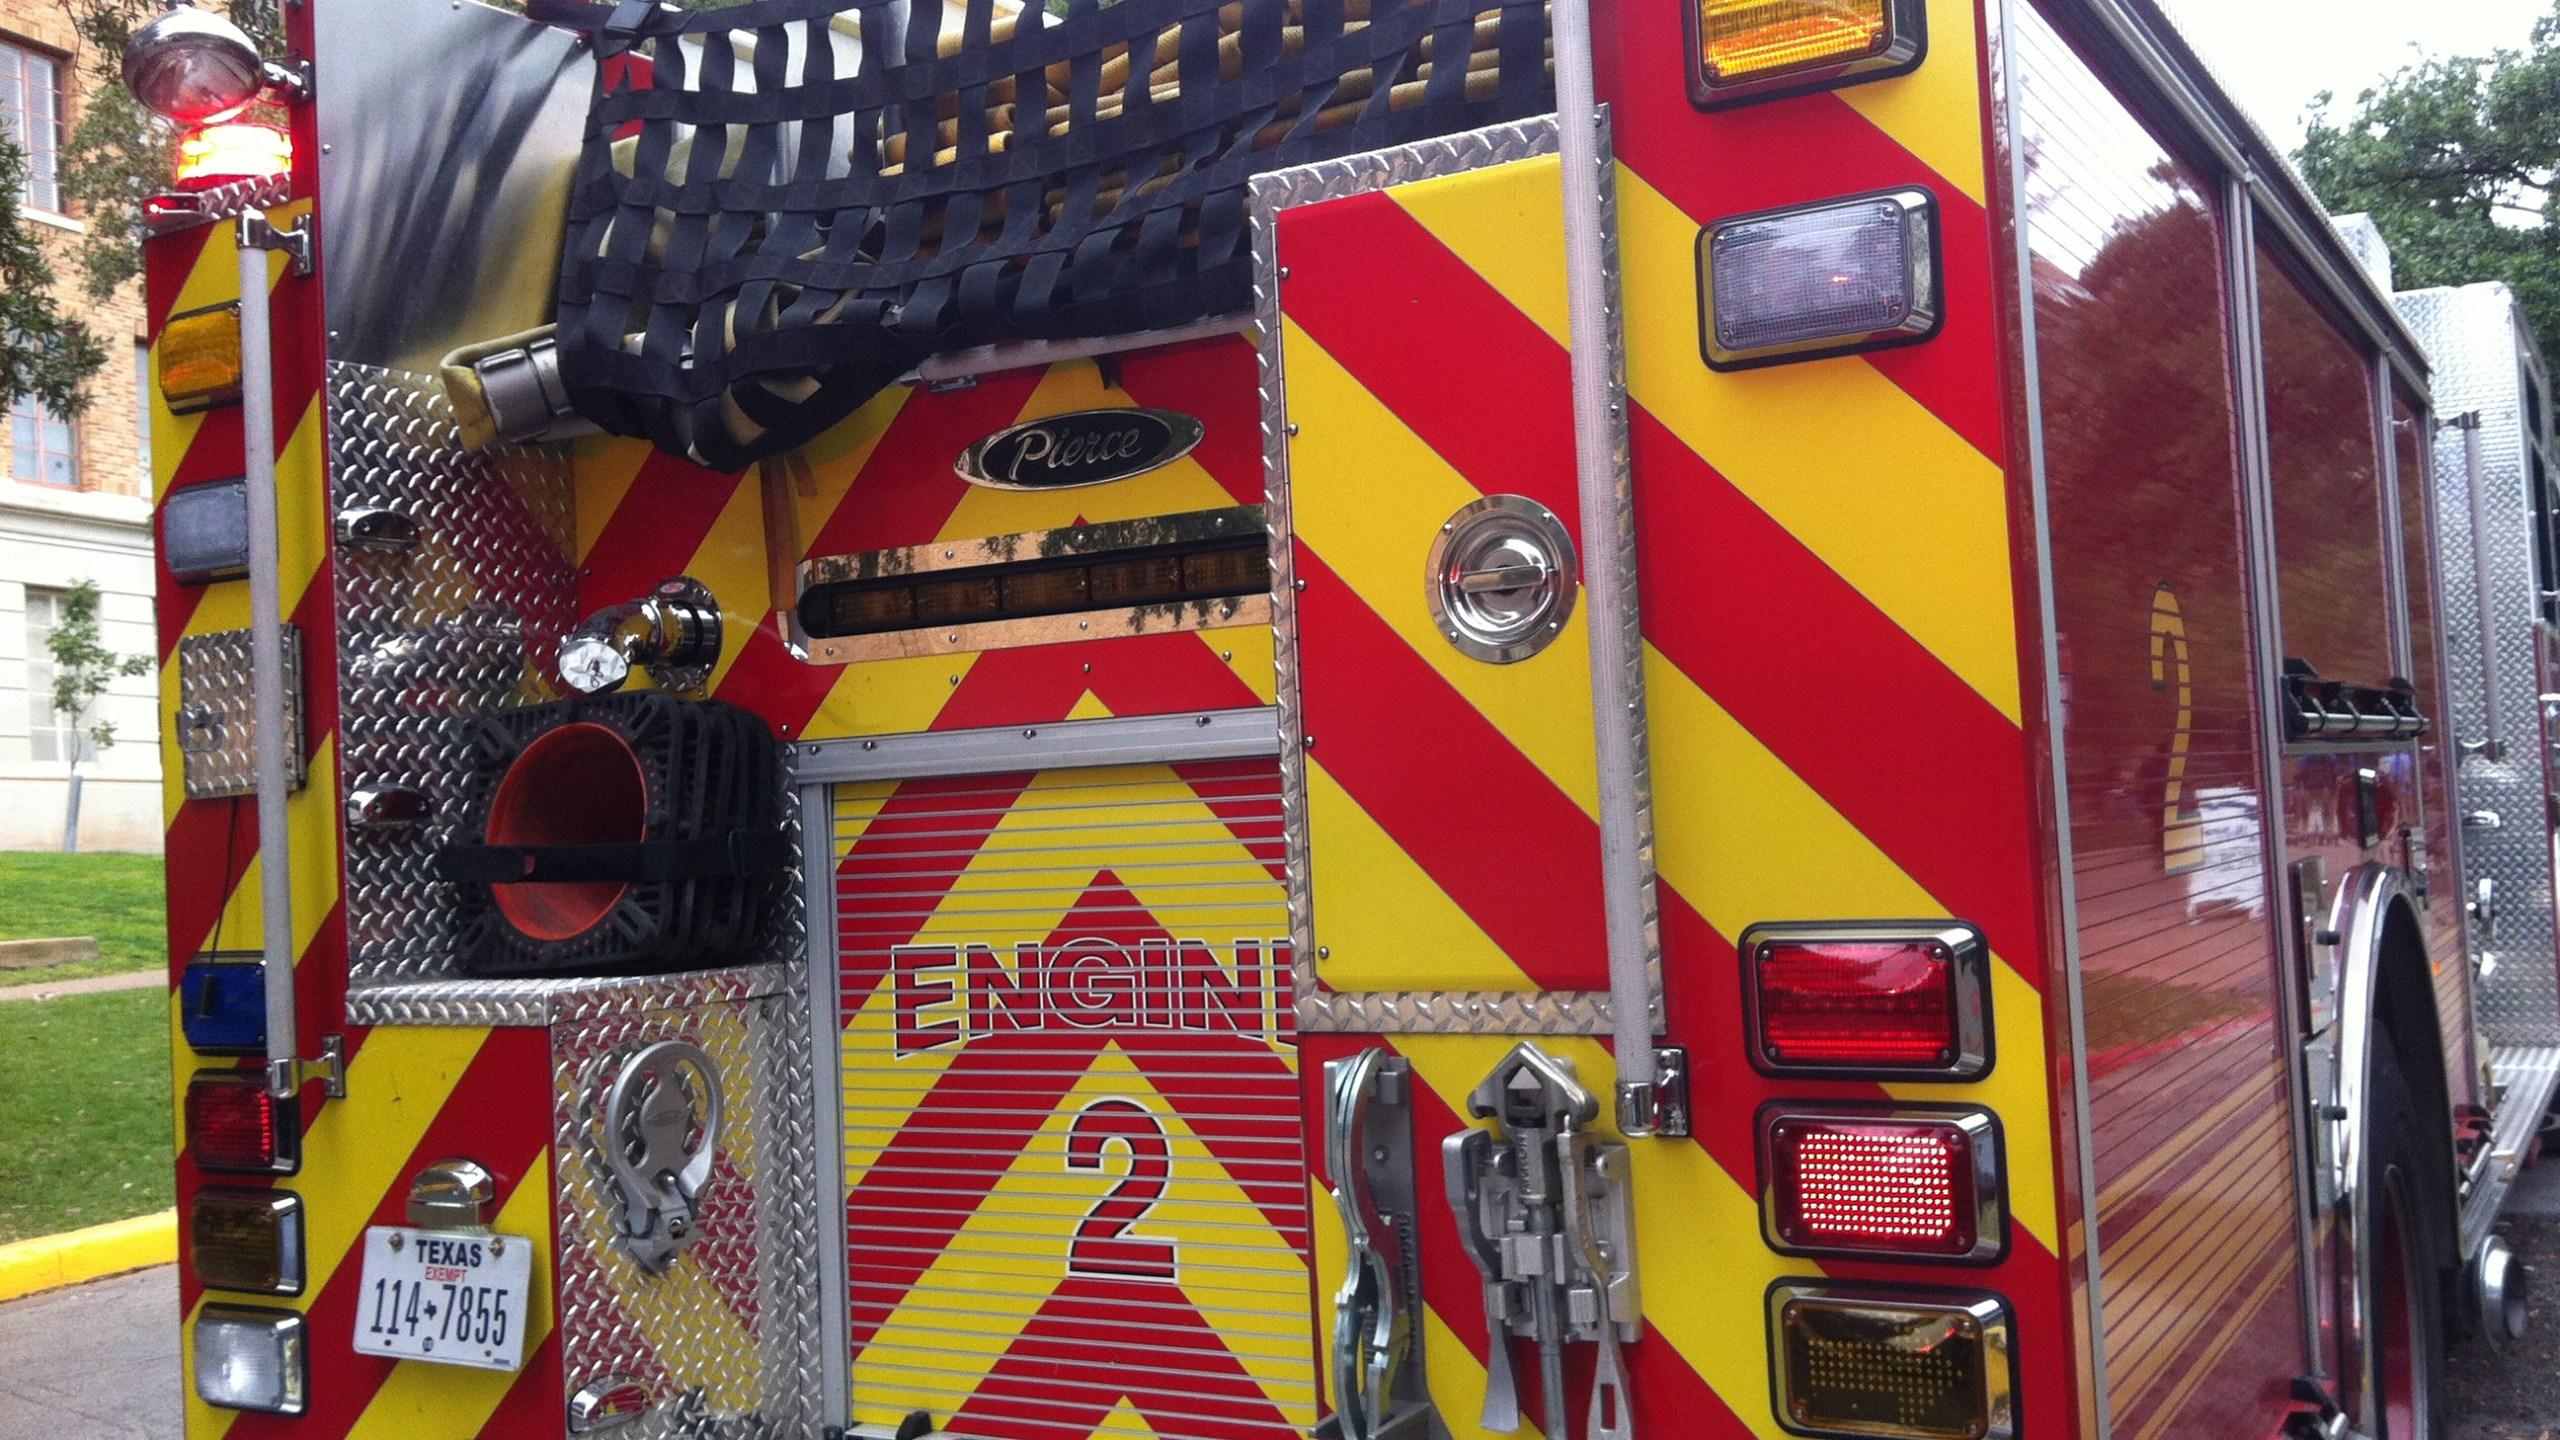 Fire truck generic_106927